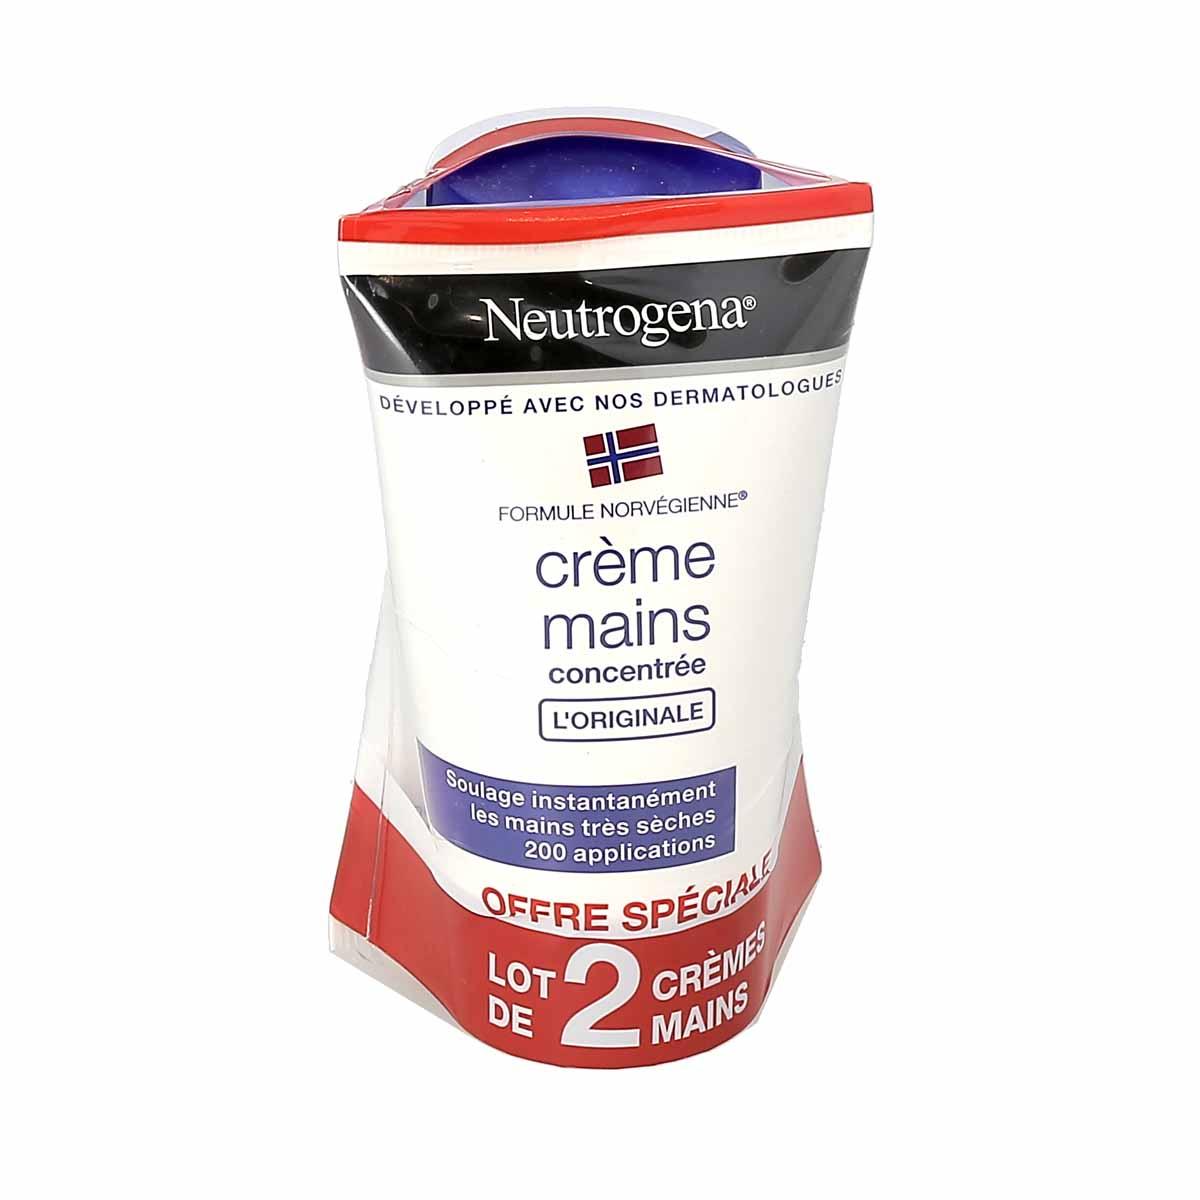 Neutrogena Crème Mains Concentrée